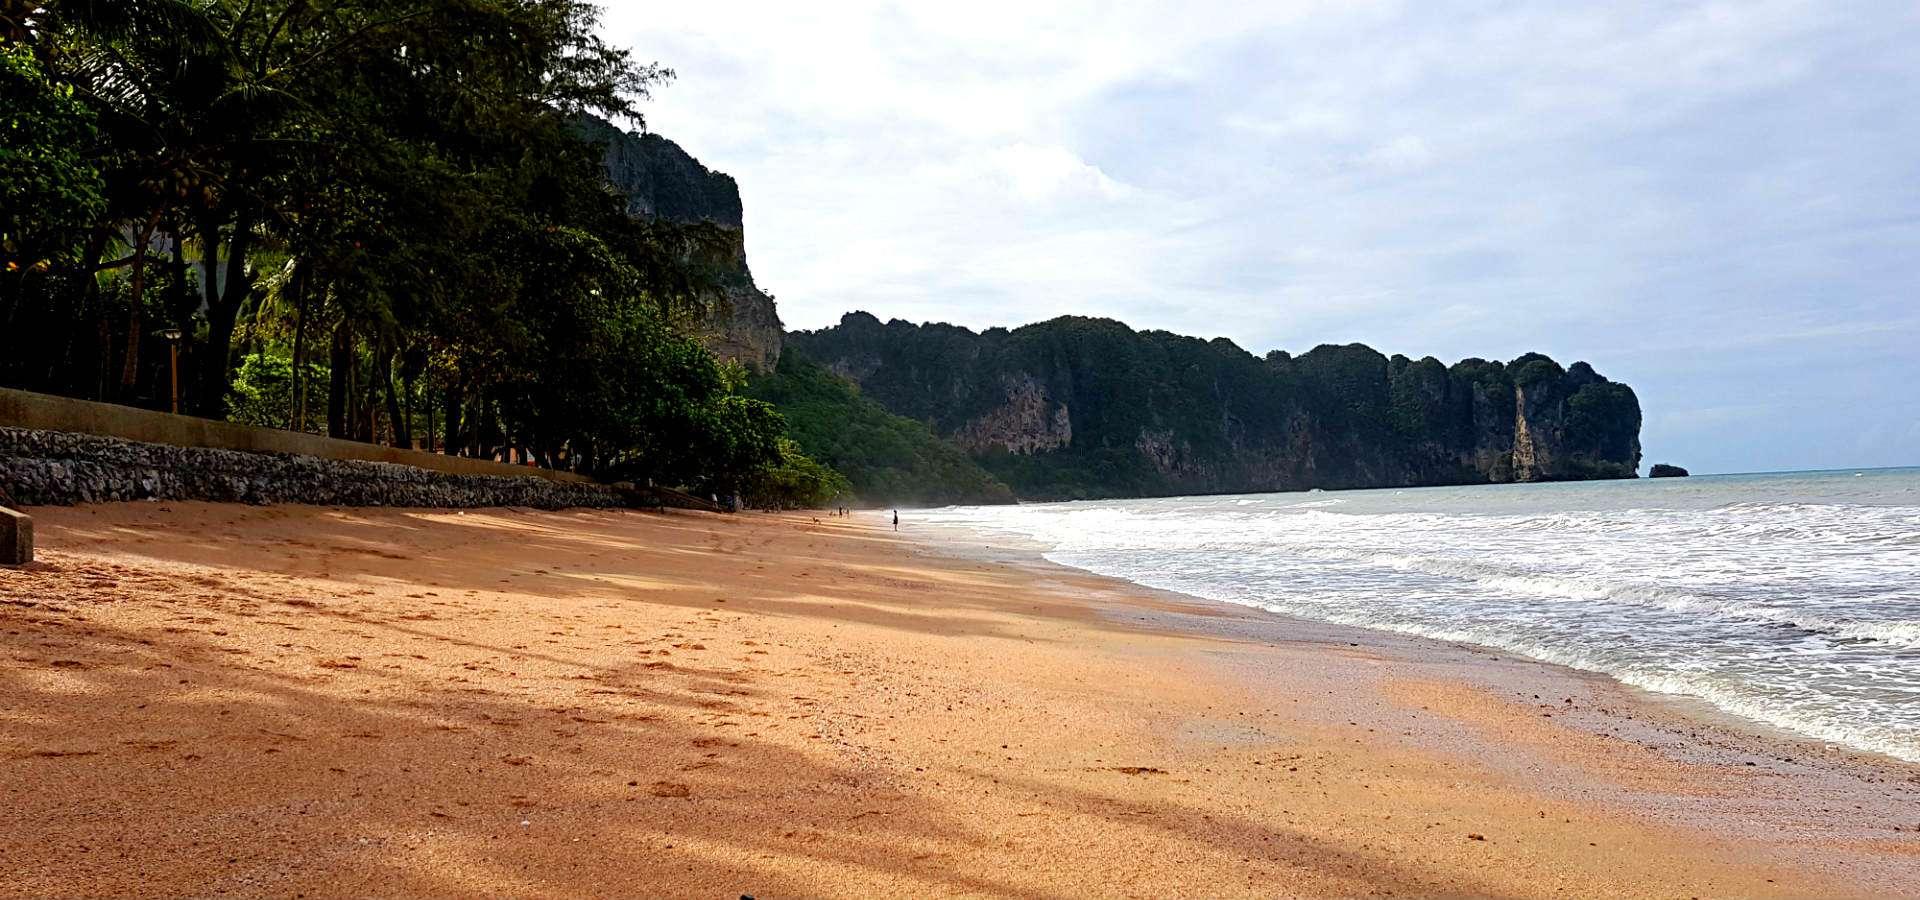 Ao Nang Beach, strand en zee met op de achtergrond grote kalksteenrotsen in de zee